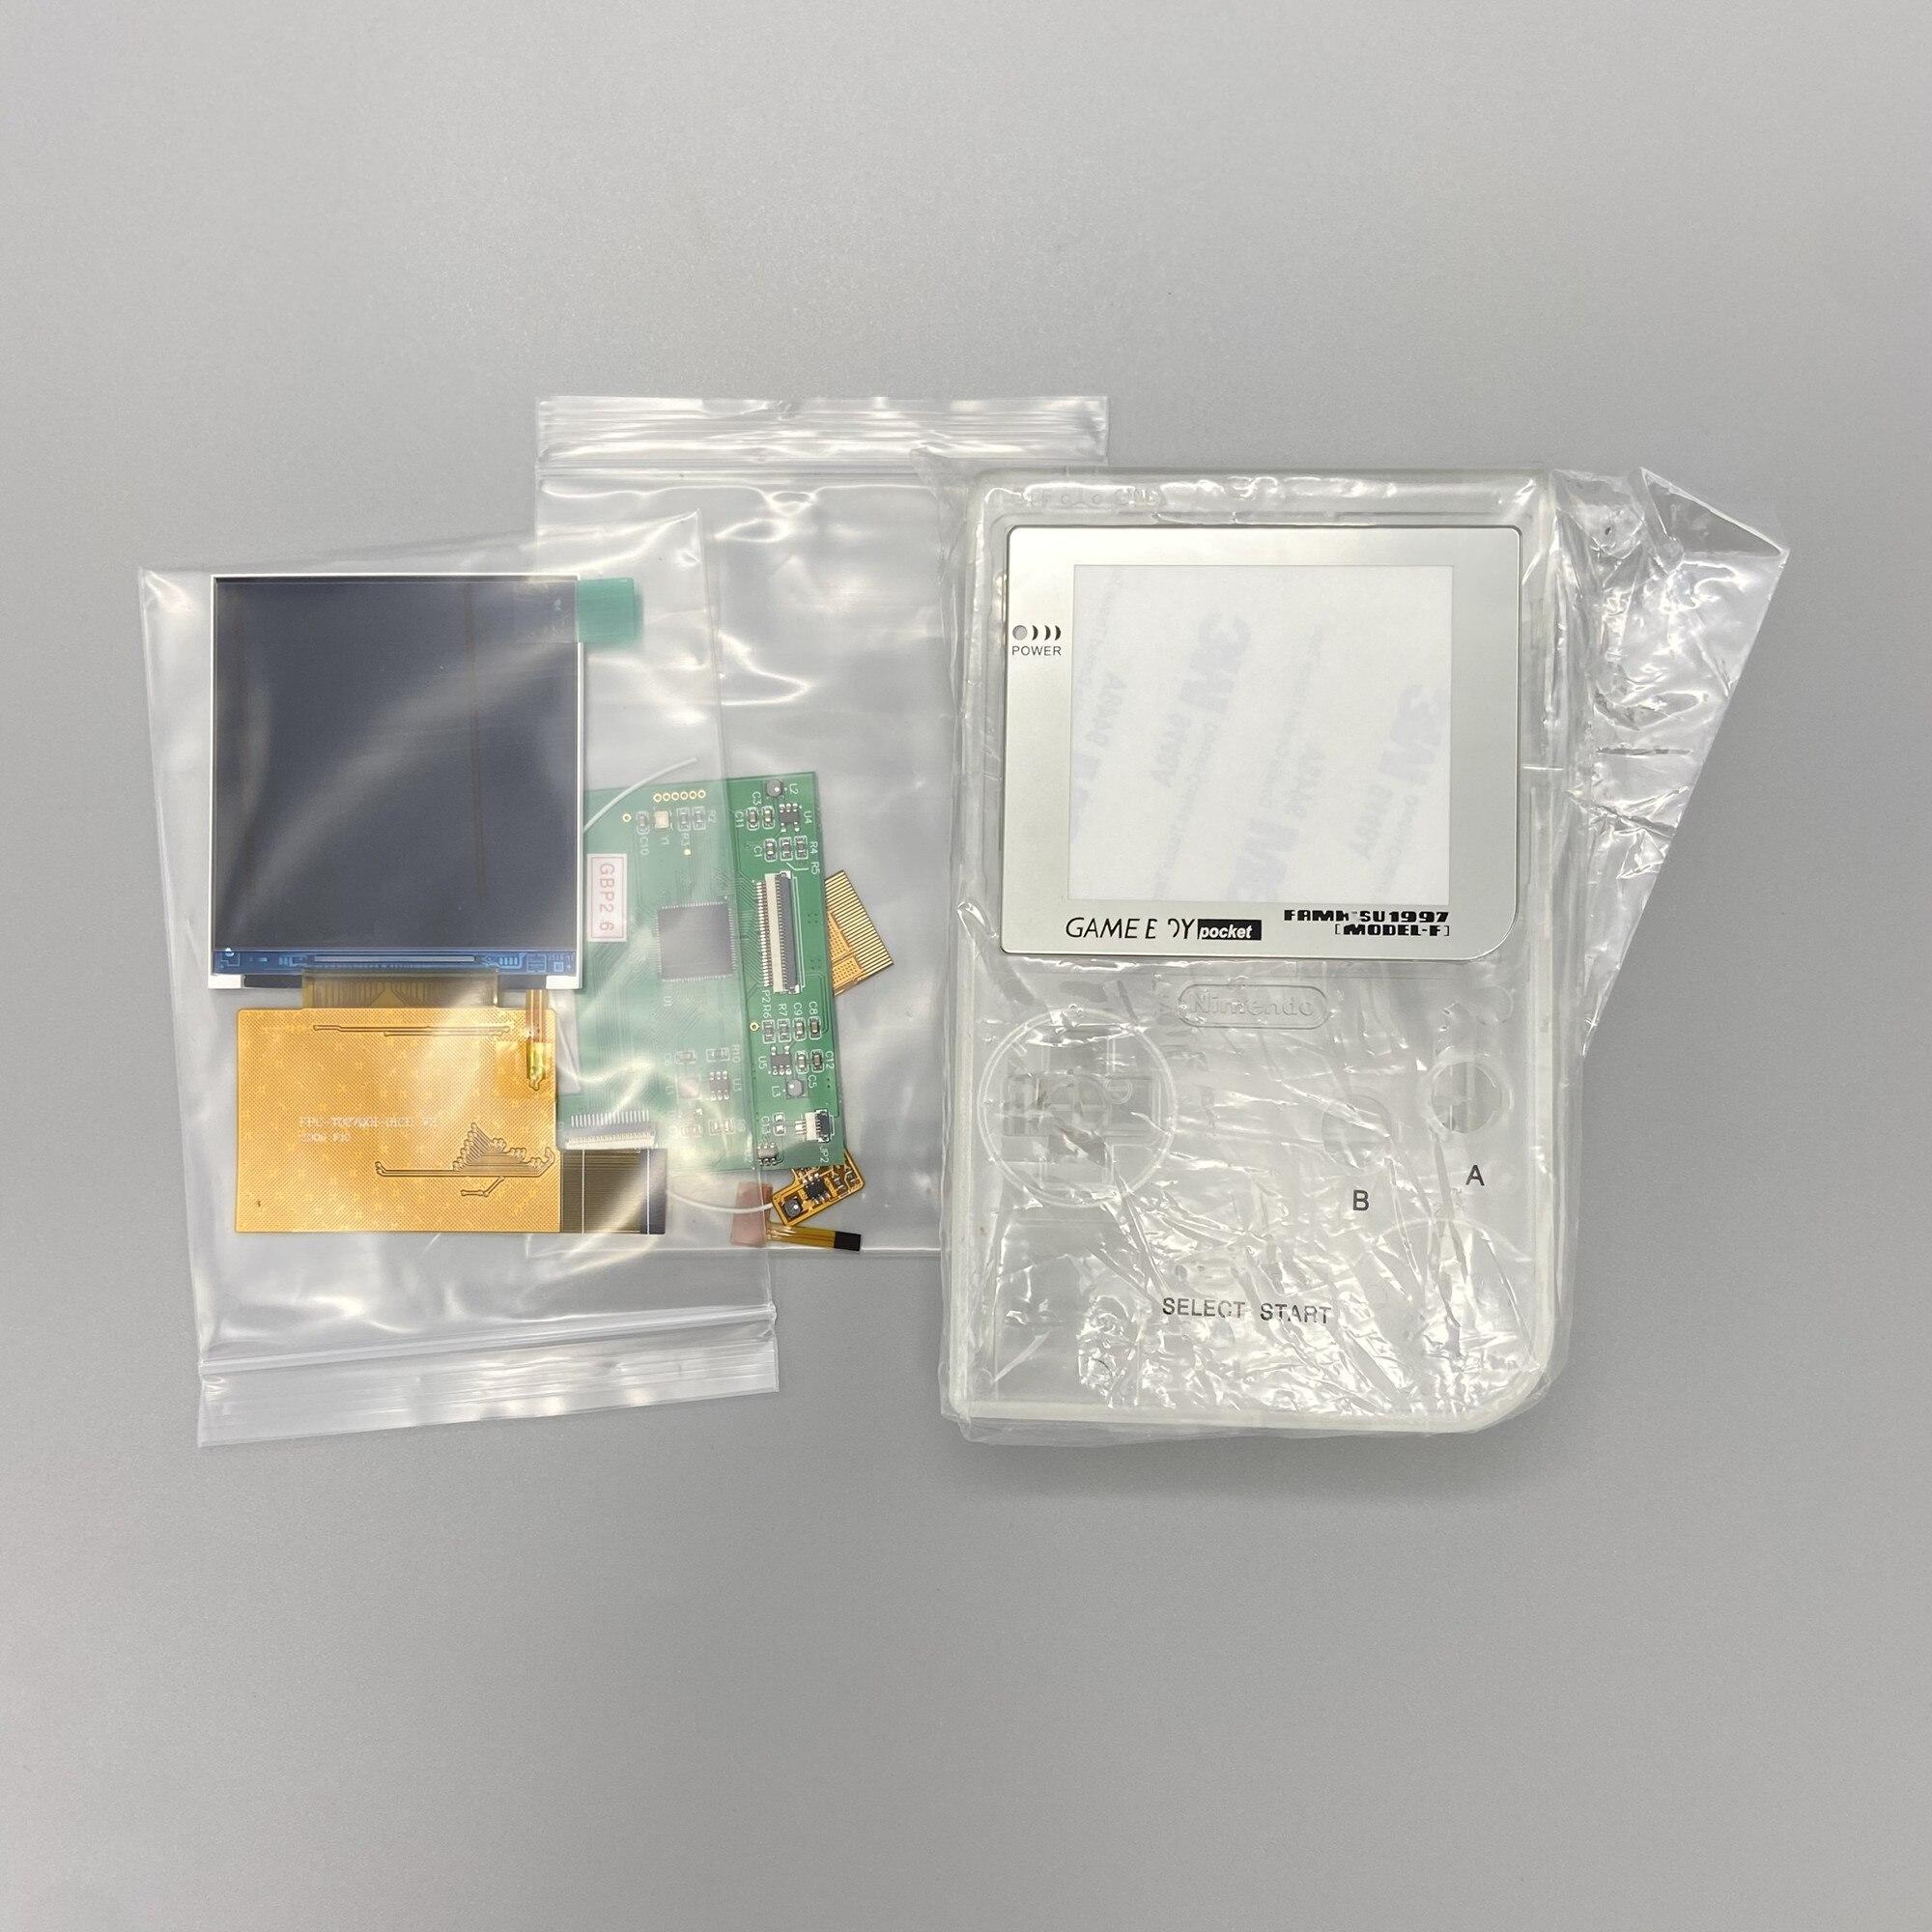 شاشة IPS LCD عالية السطوع 2.6 بوصة ، سهلة التركيب ، مع غلاف GBP لجهاز Nintendo gameboy pocket GBP